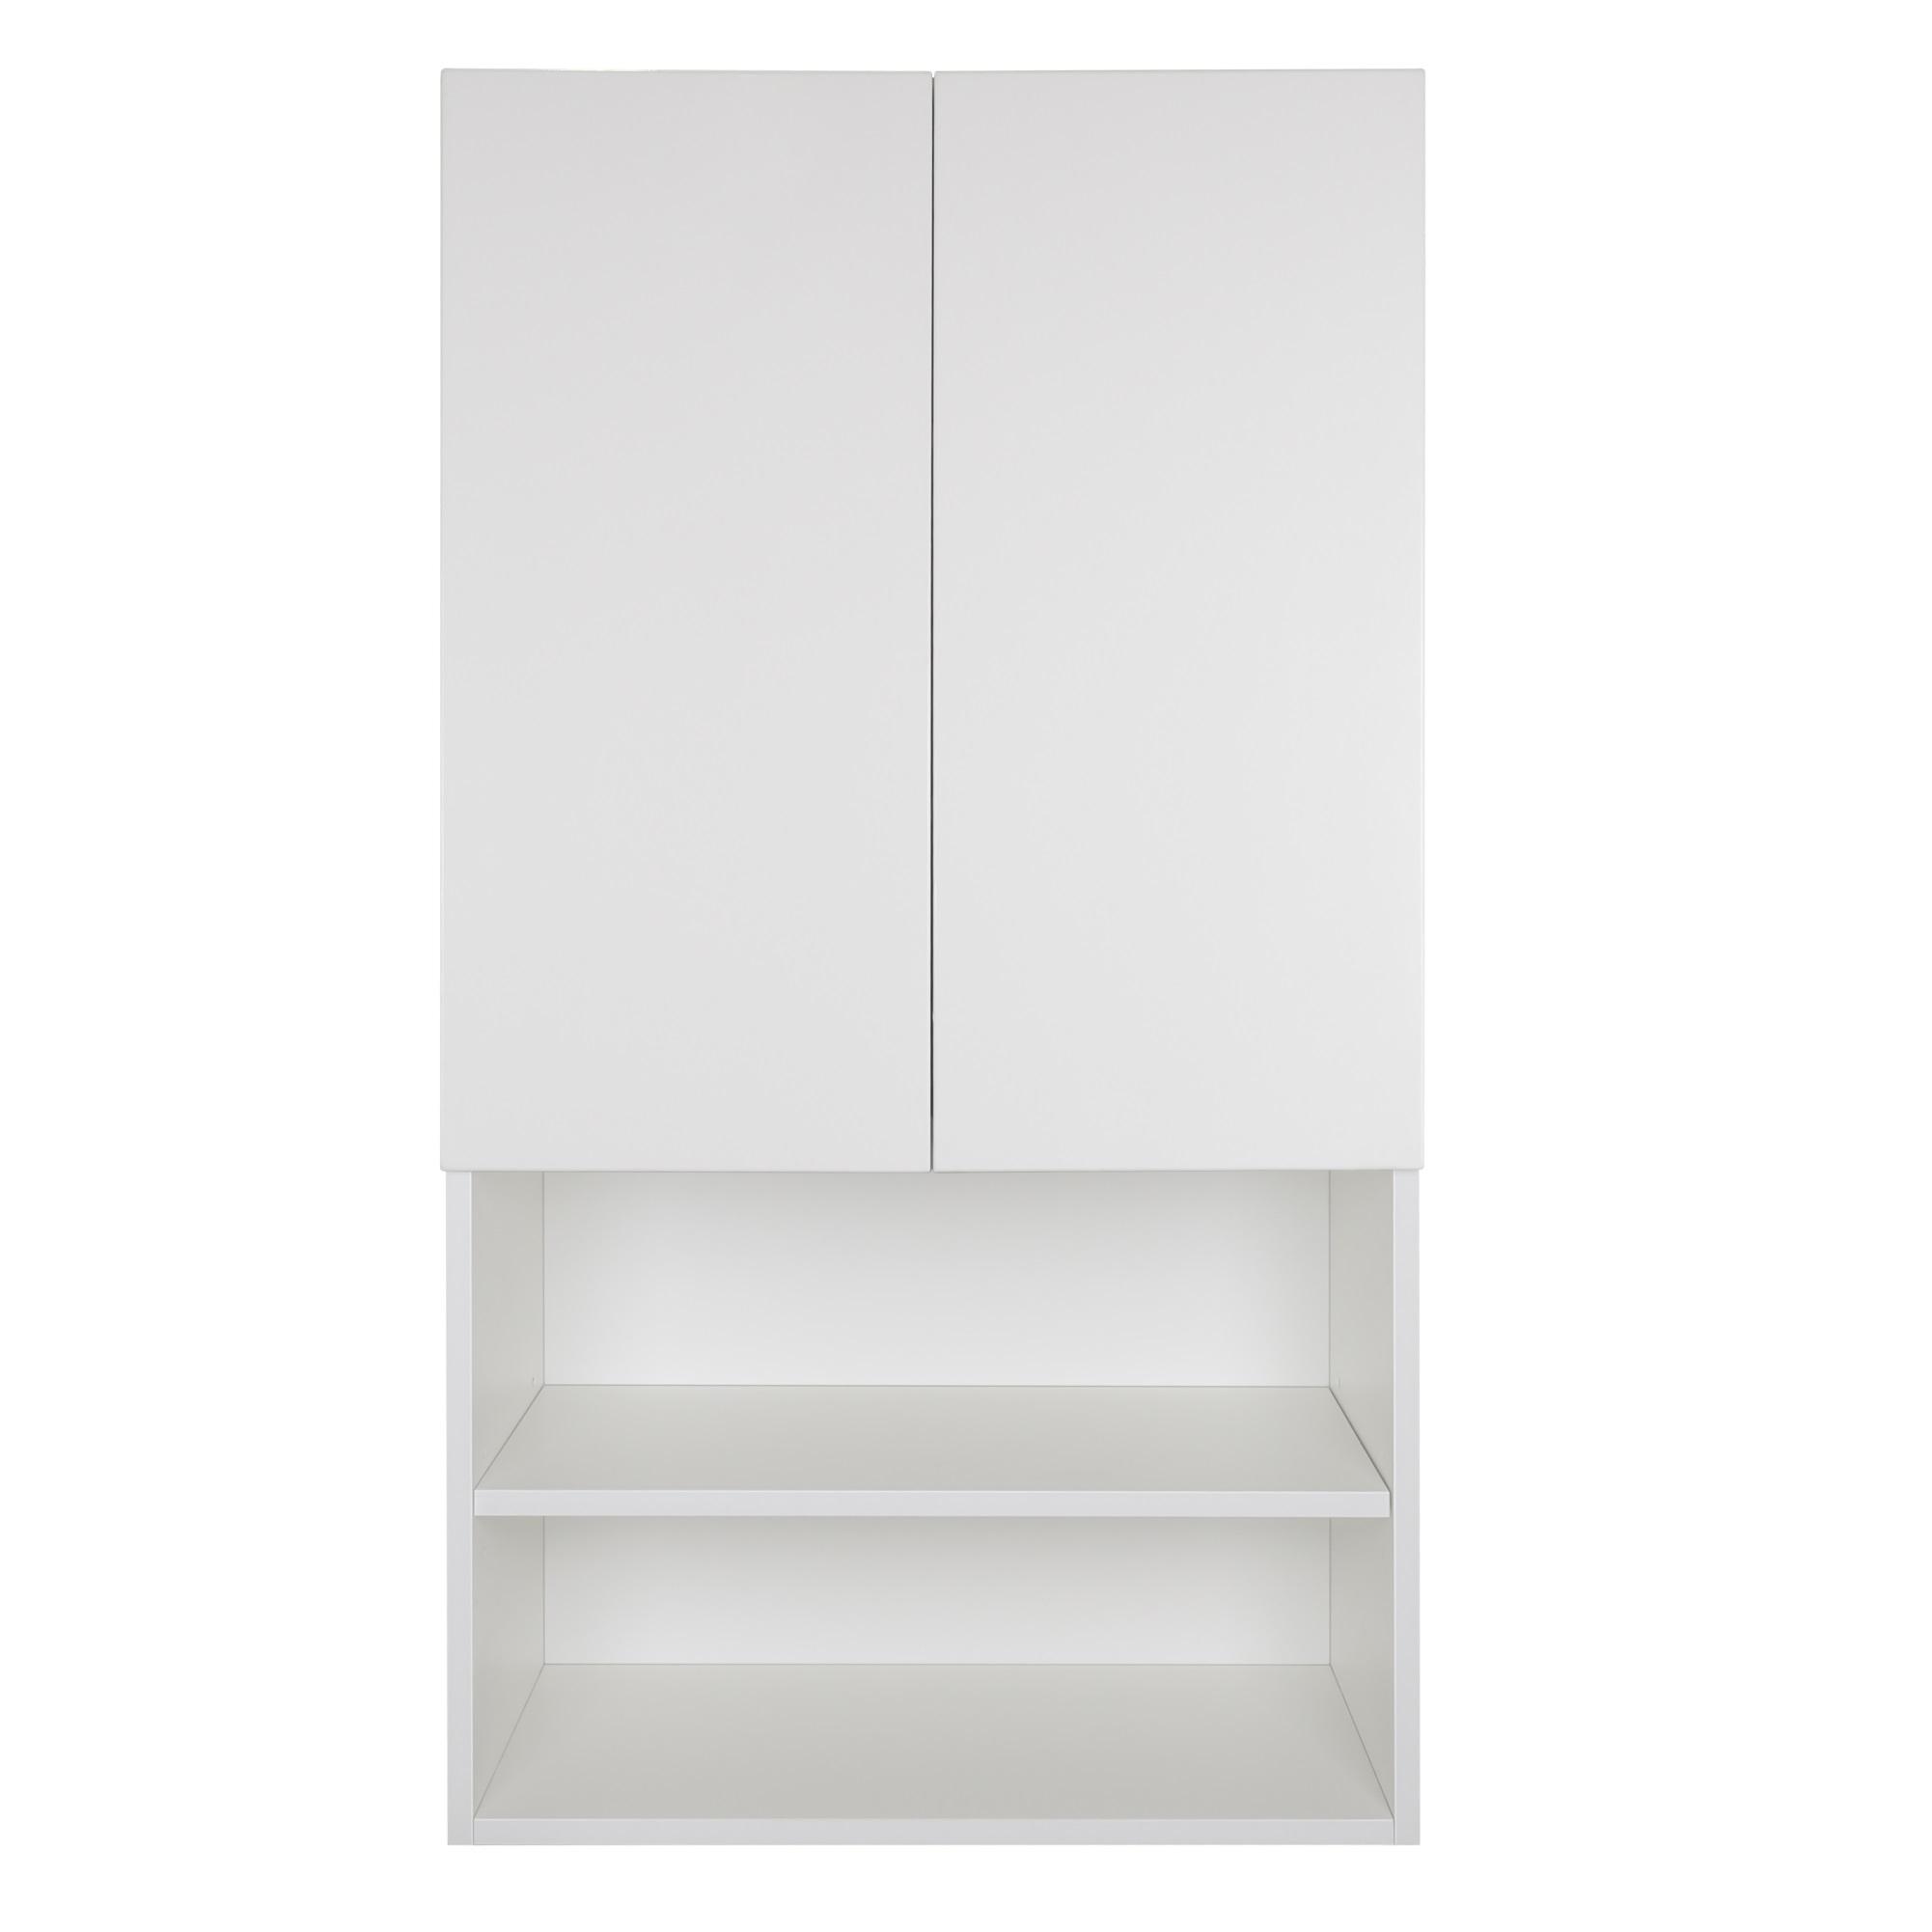 Шкаф над стиральной машиной Мисти Амур 60см, полки, ПВХ